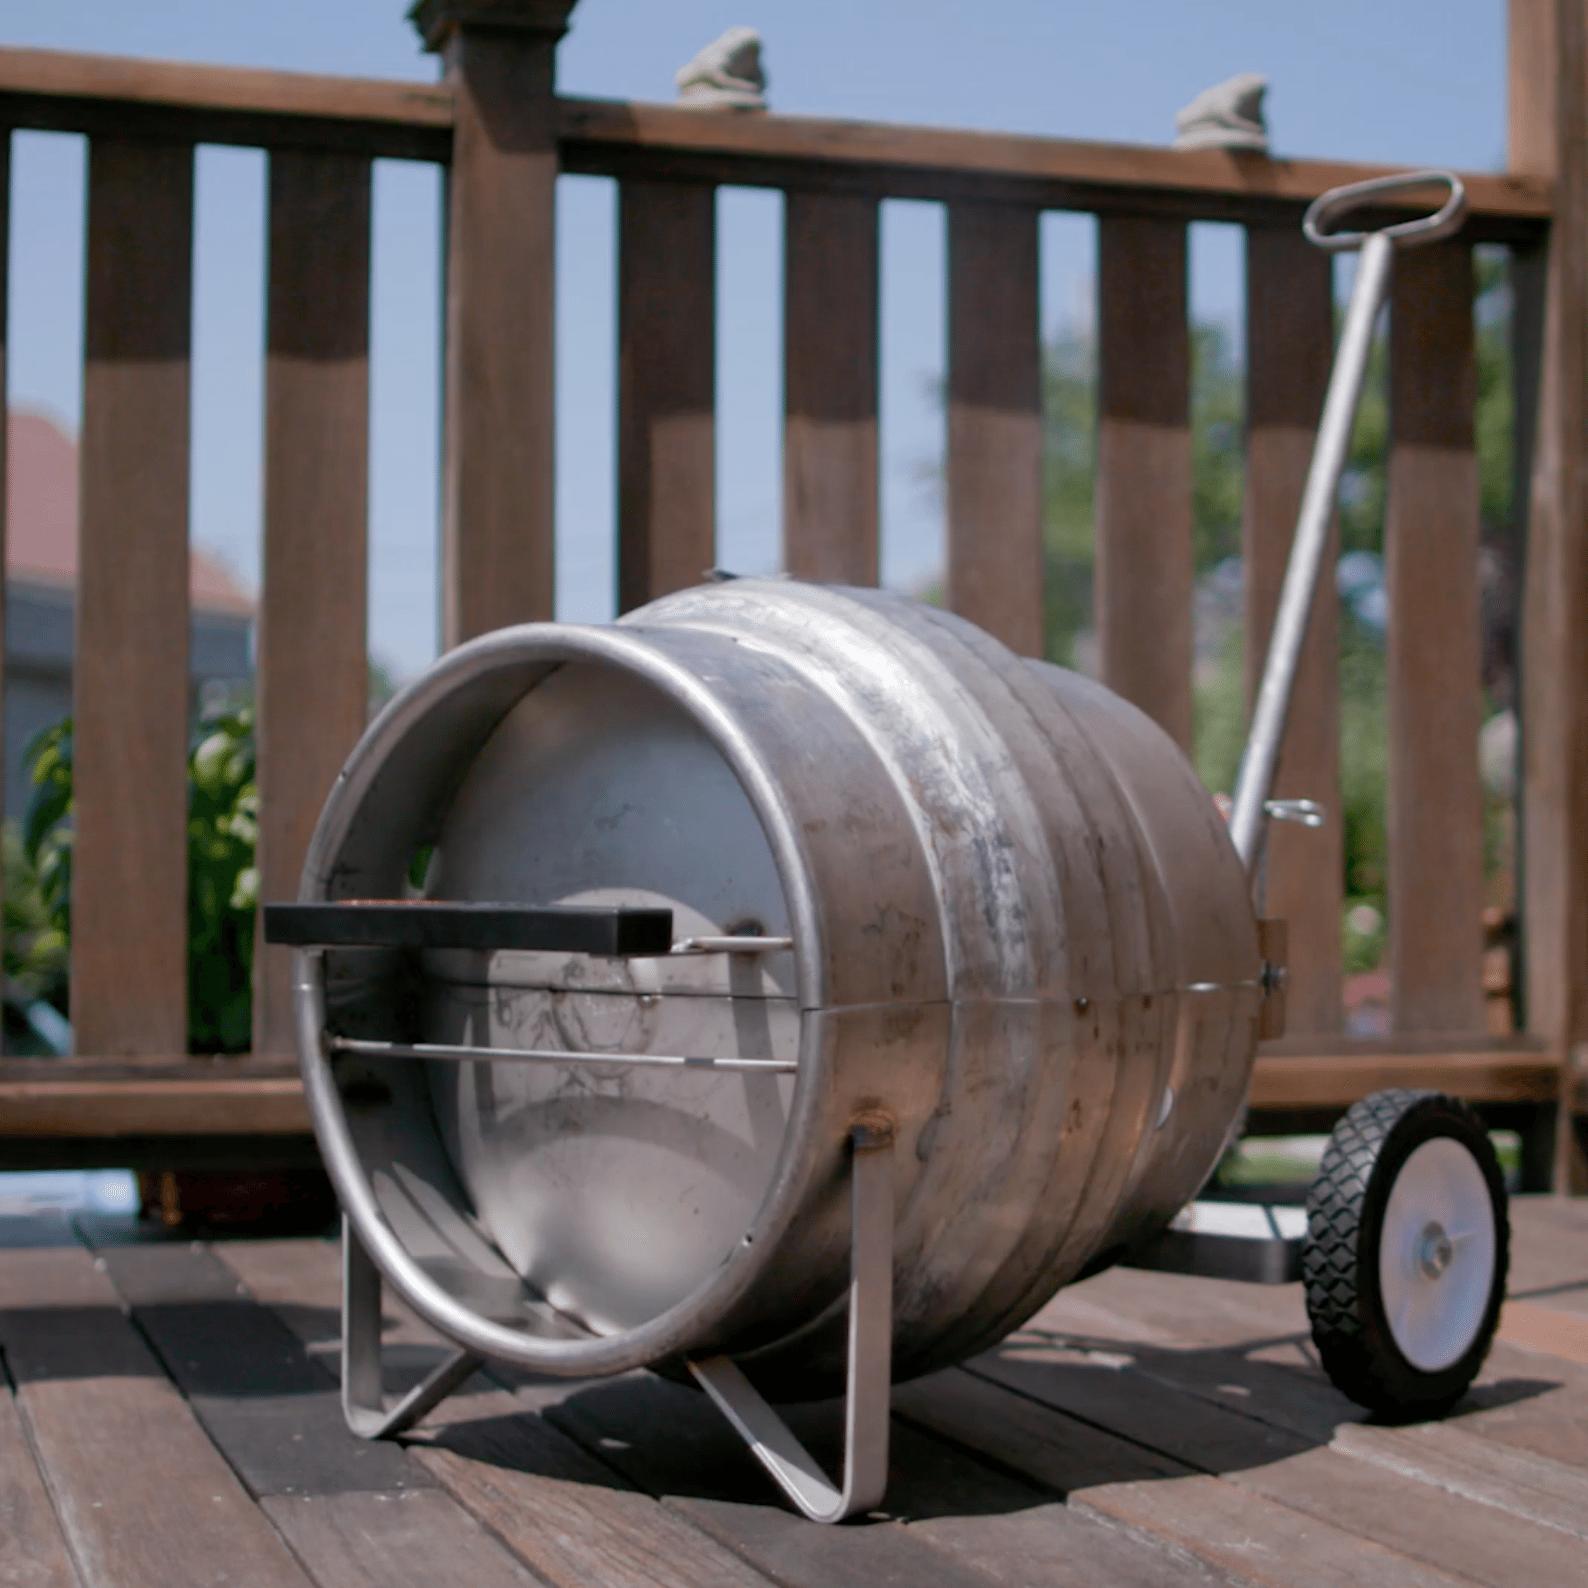 Beer Keg BBQ